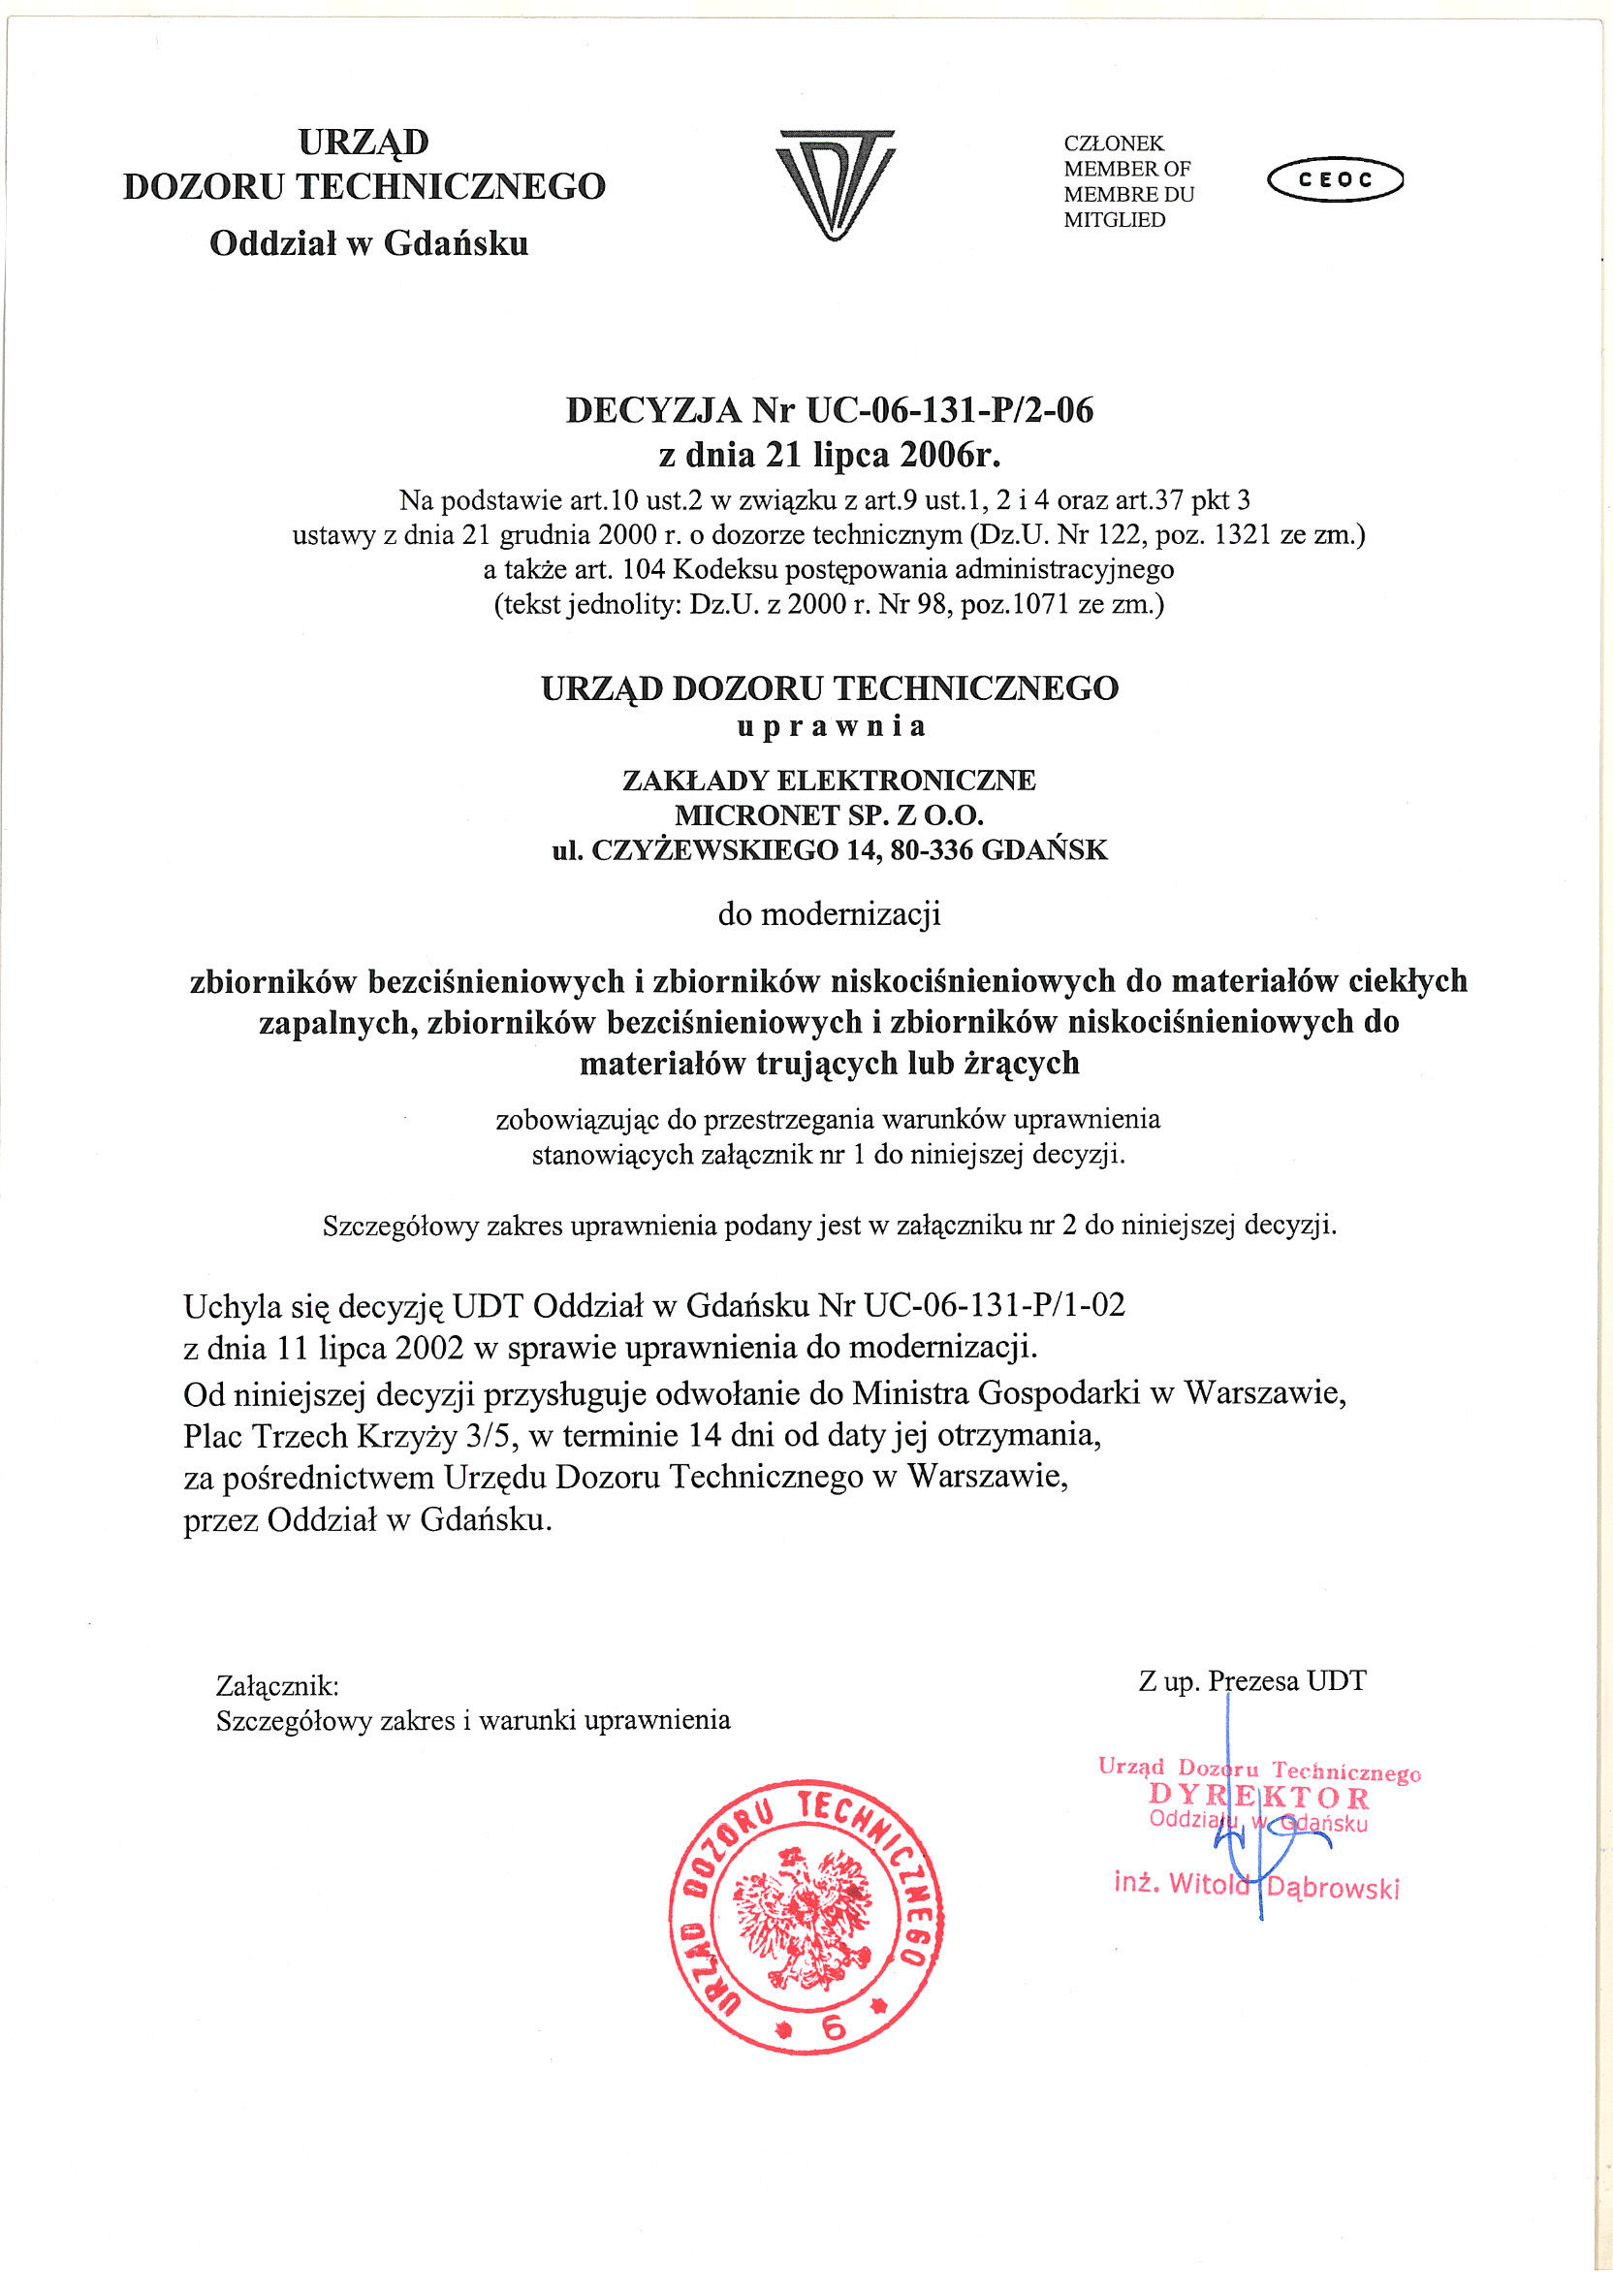 UDT Uprawnienia do modernizacji zbiorników